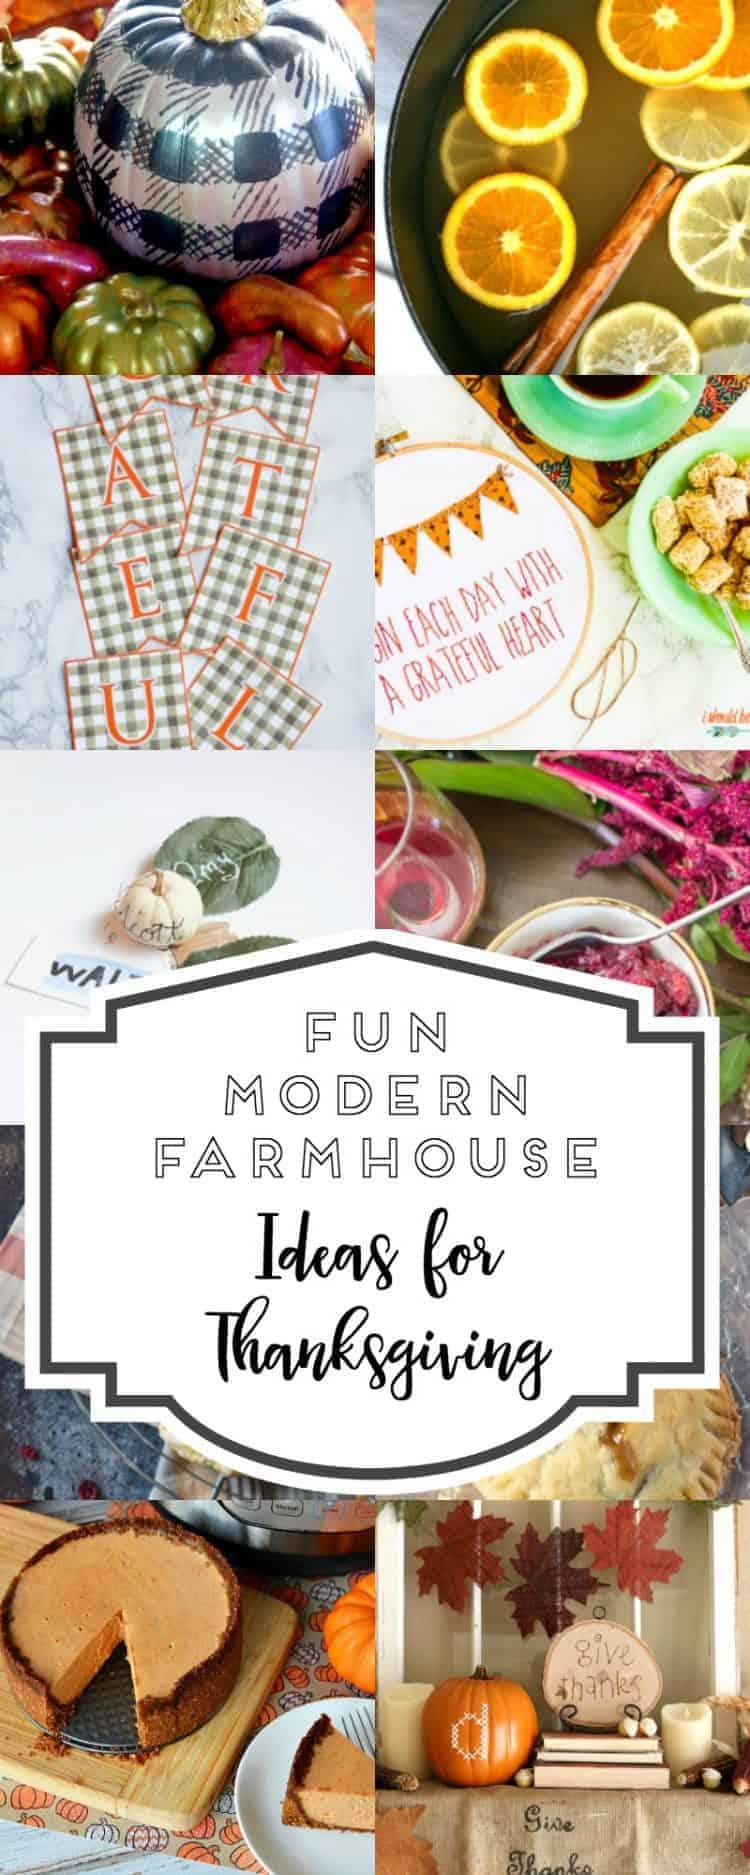 Fun Modern Farmhouse Ideas for Thanksgiving